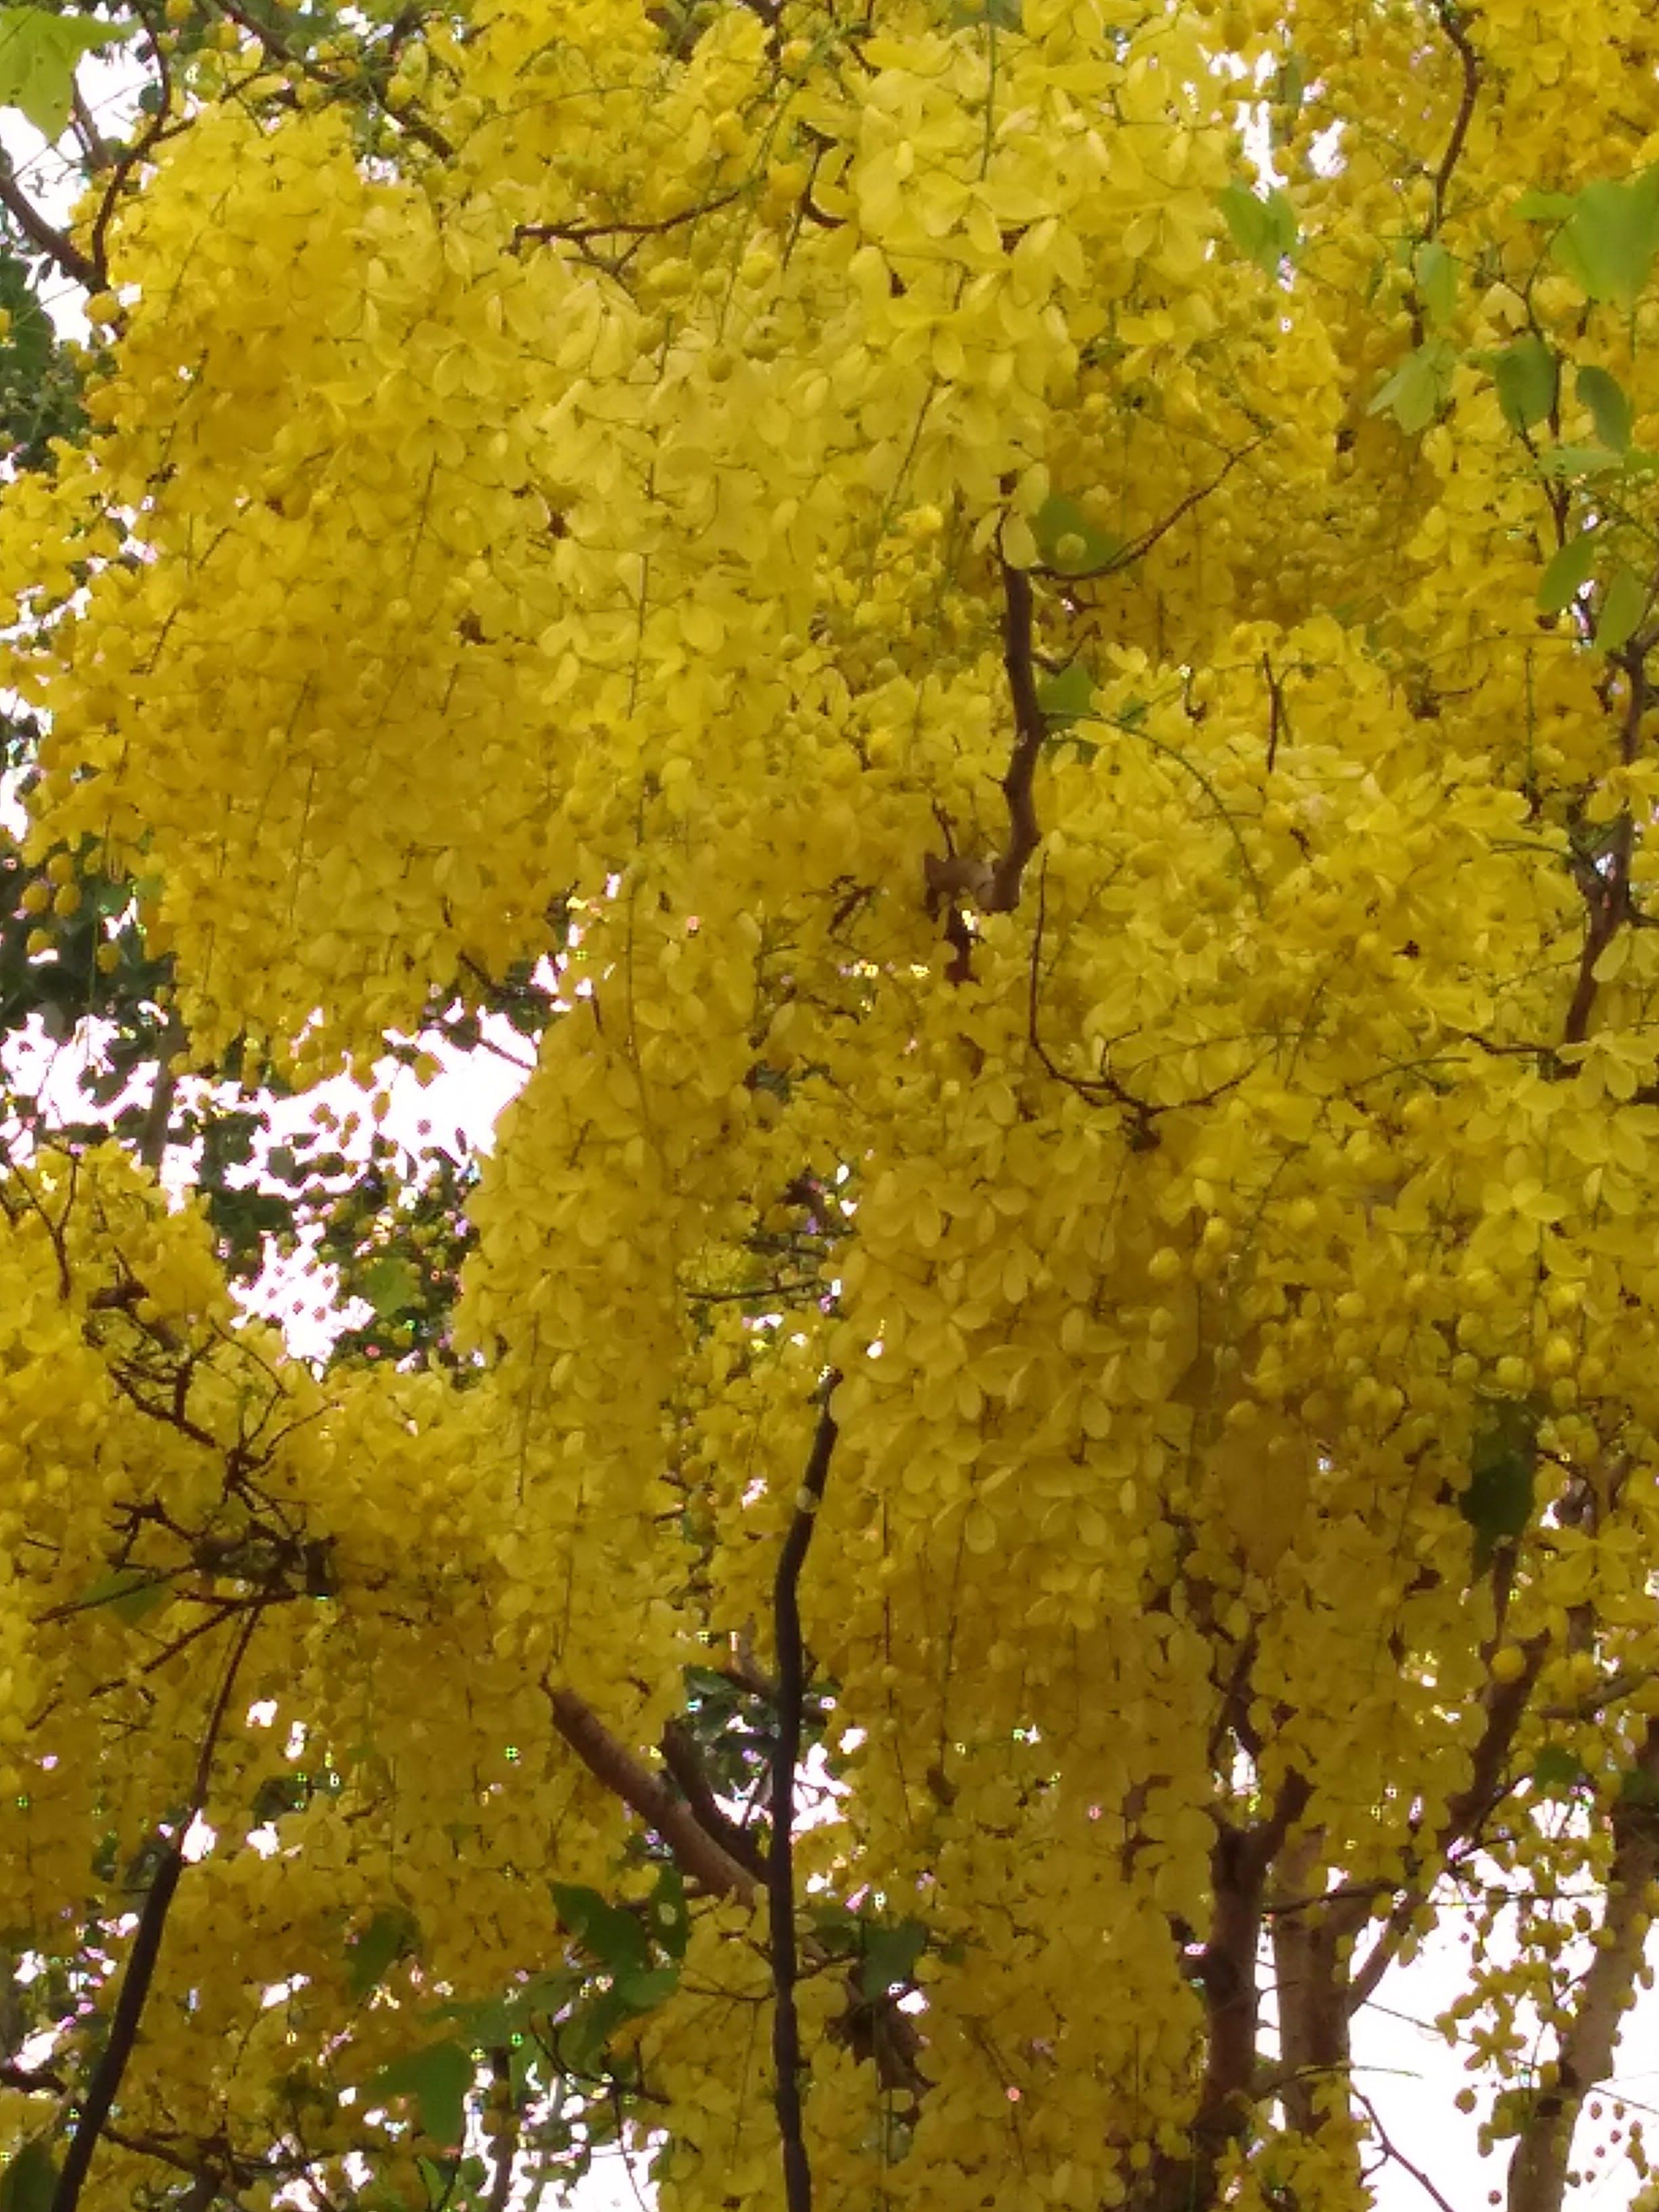 Δωρεάν στοκ φωτογραφιών με δέντρο